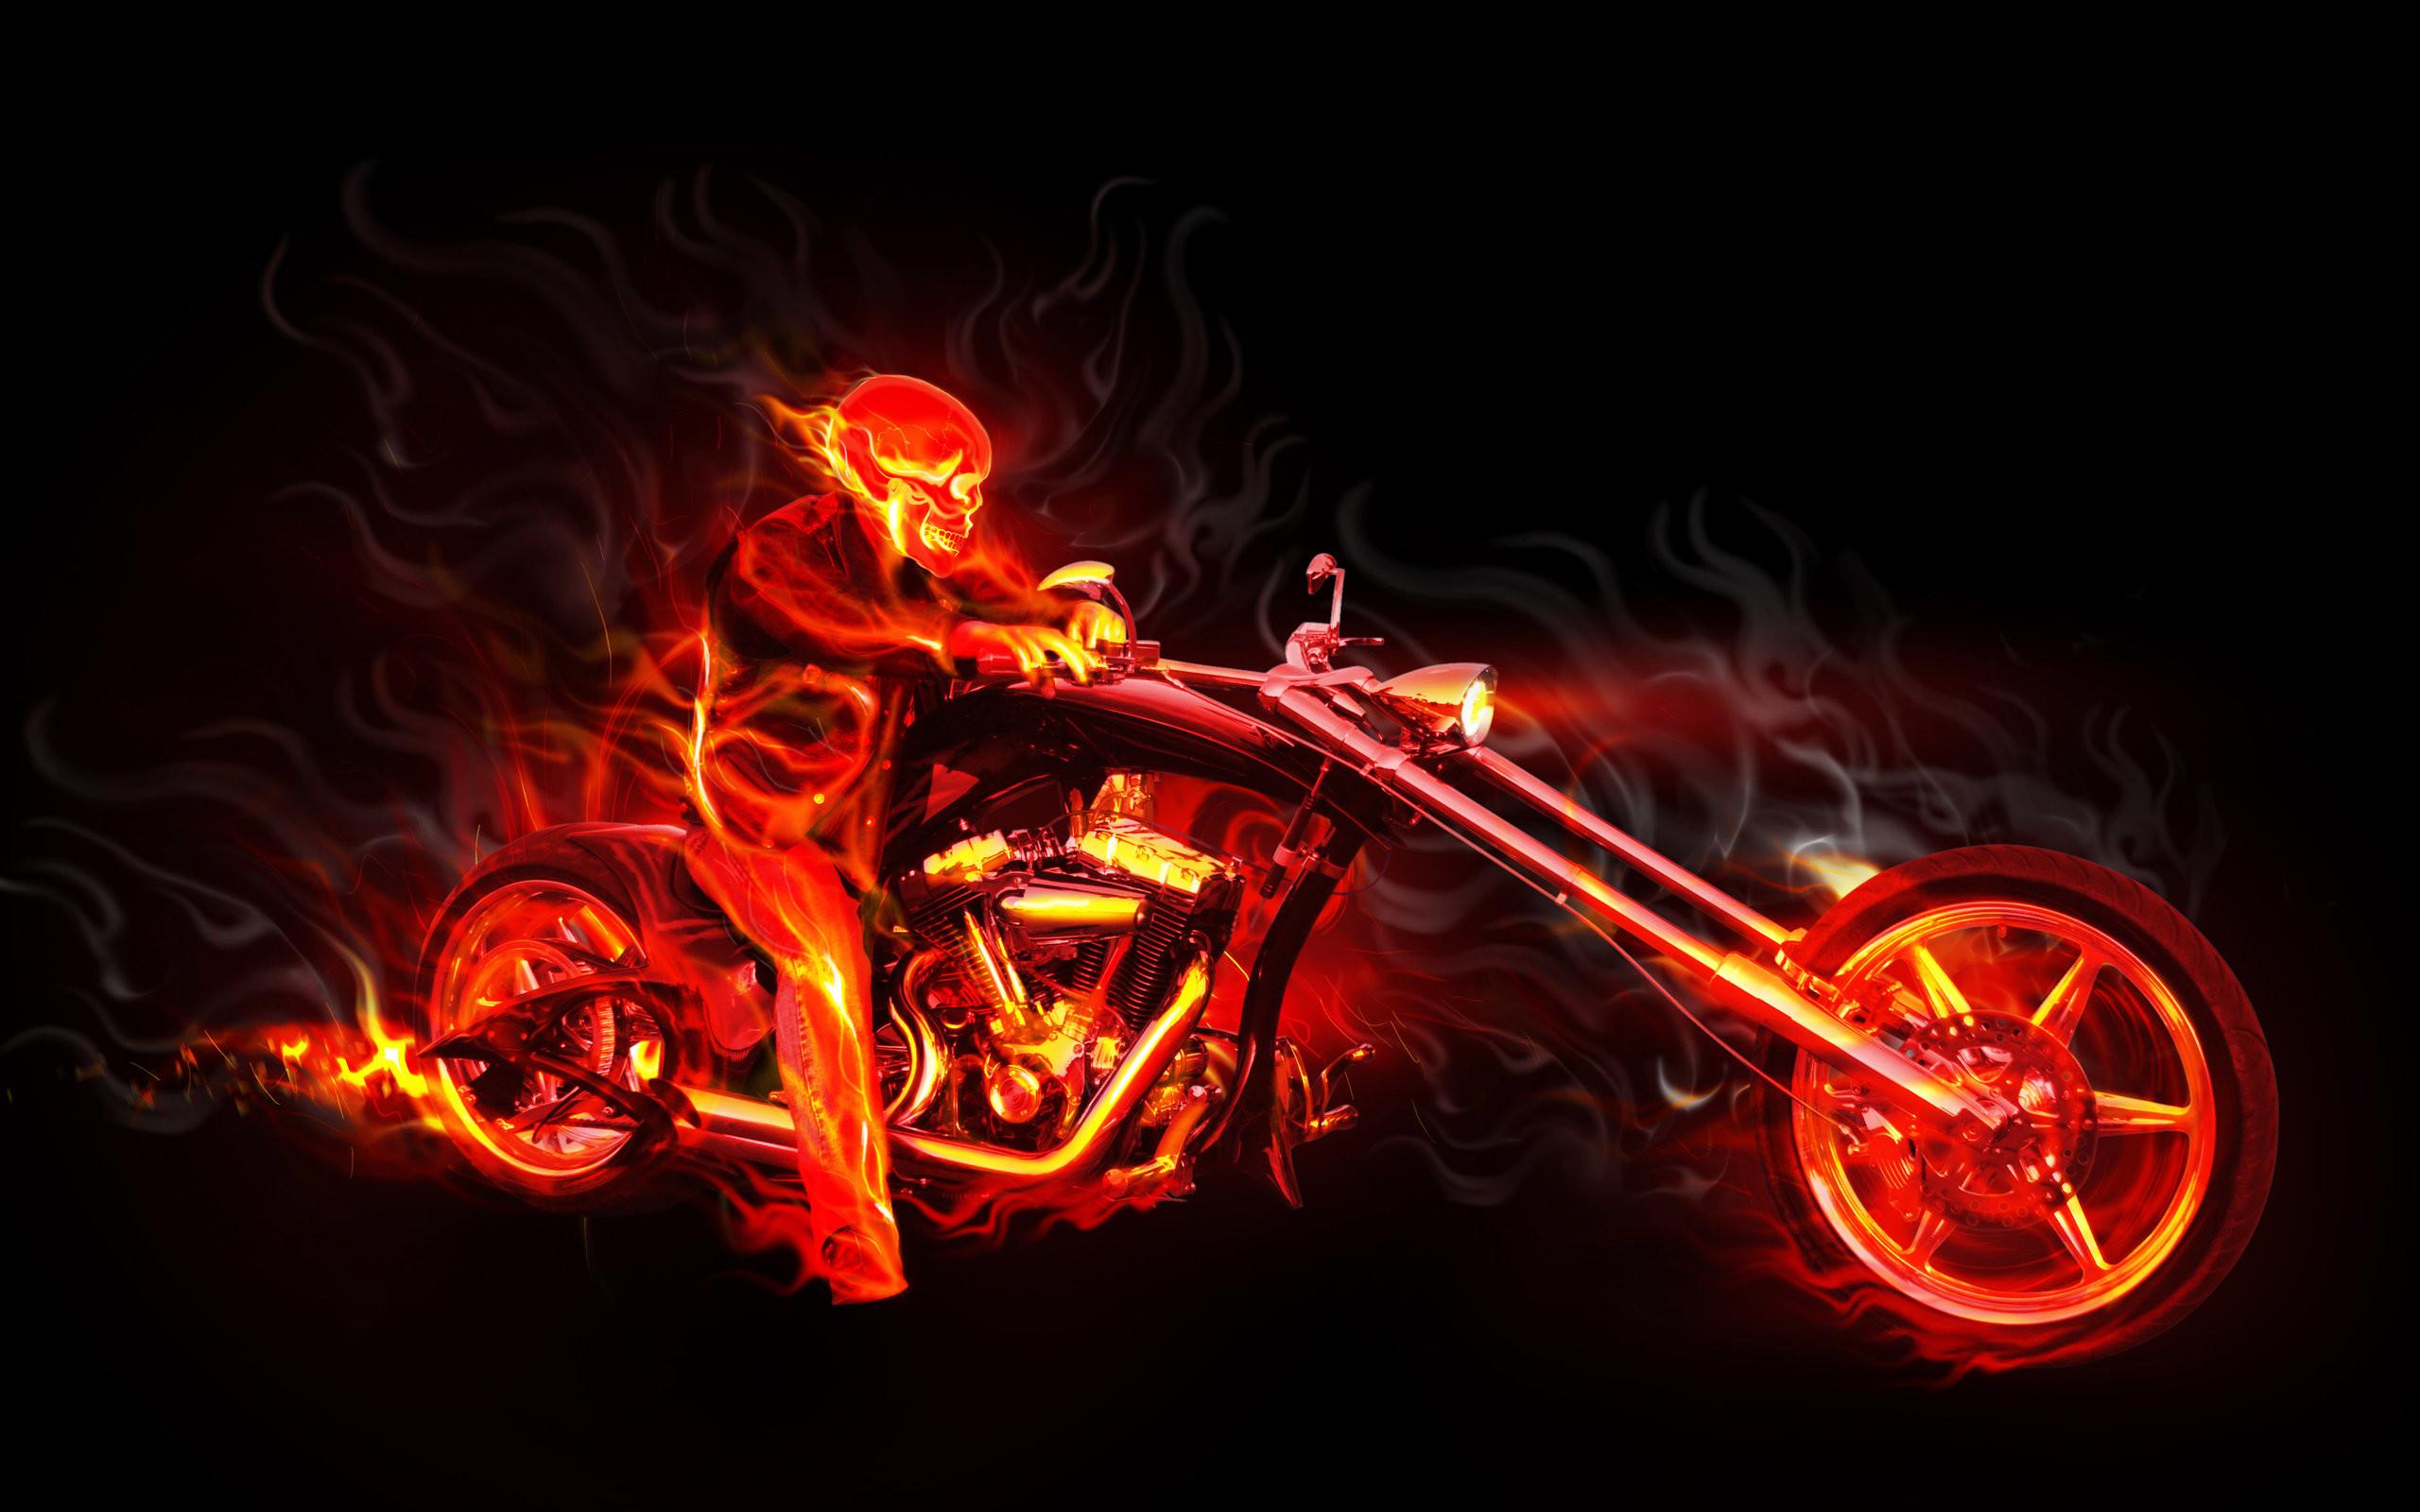 3D Flames Wallpaper 72 Images